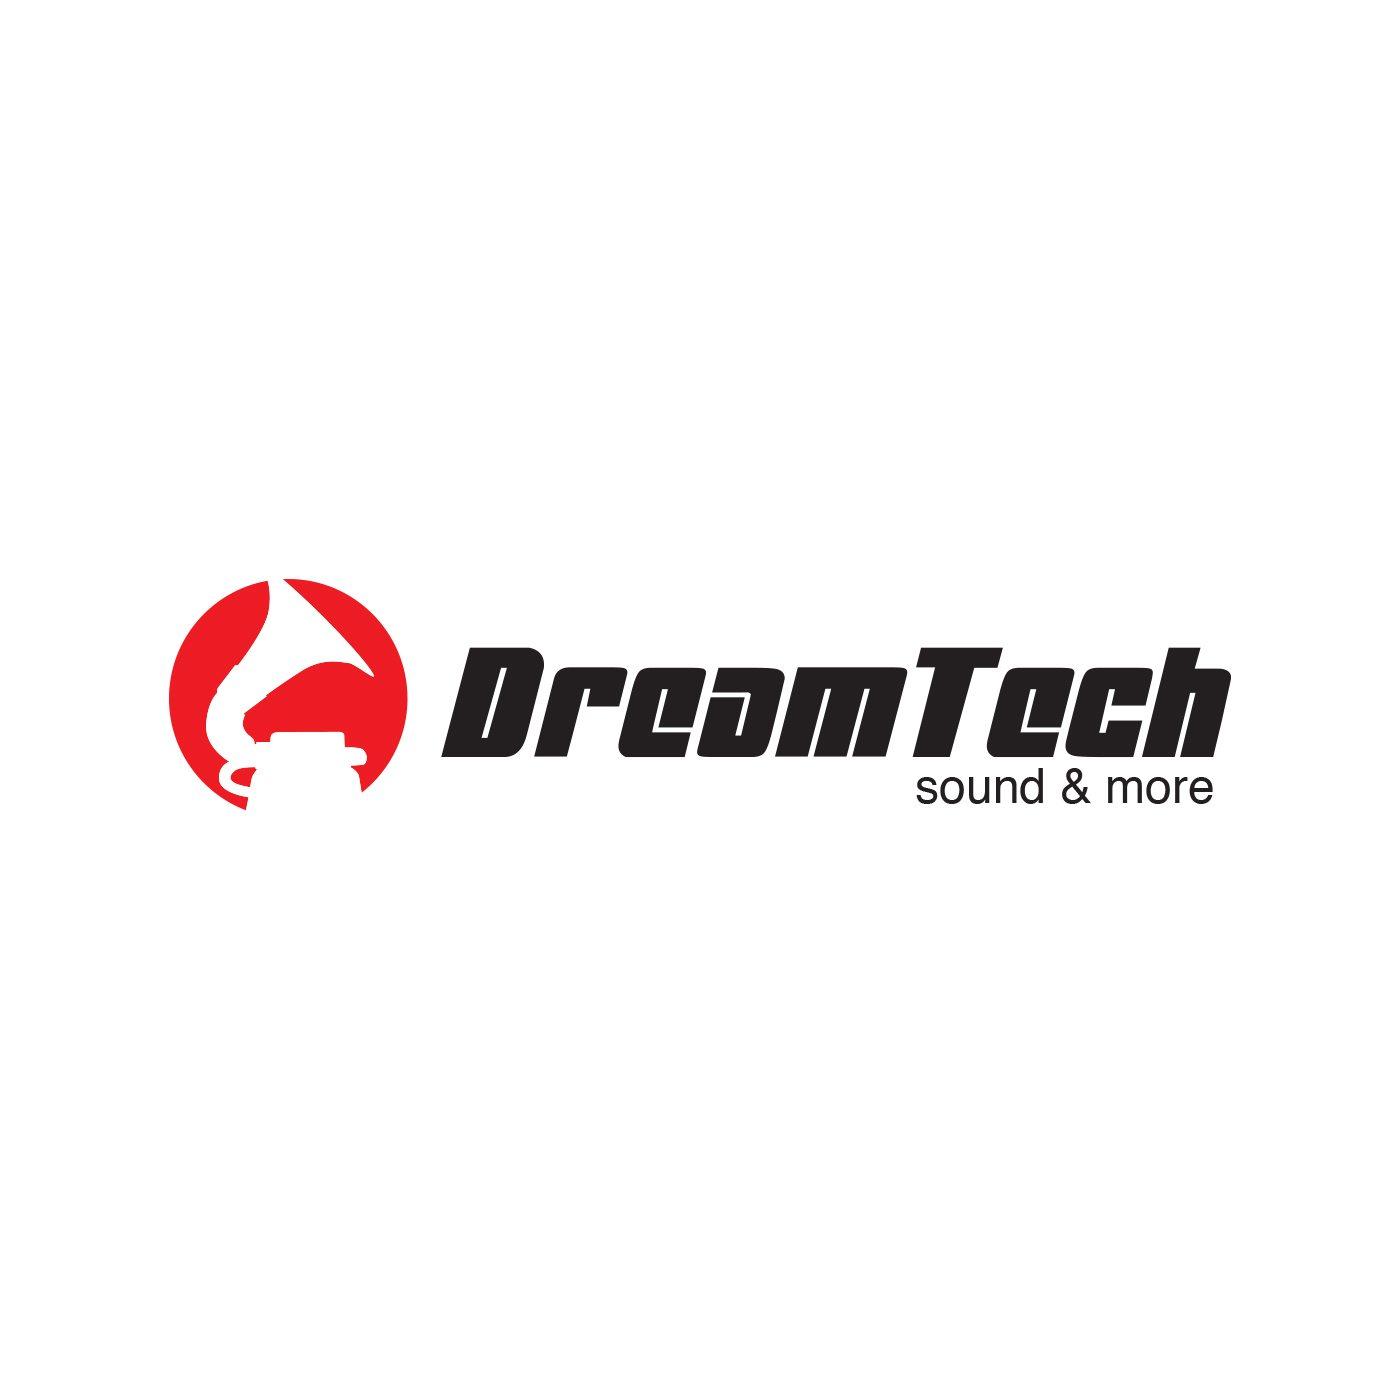 עיצוב לוגו - dreamtech